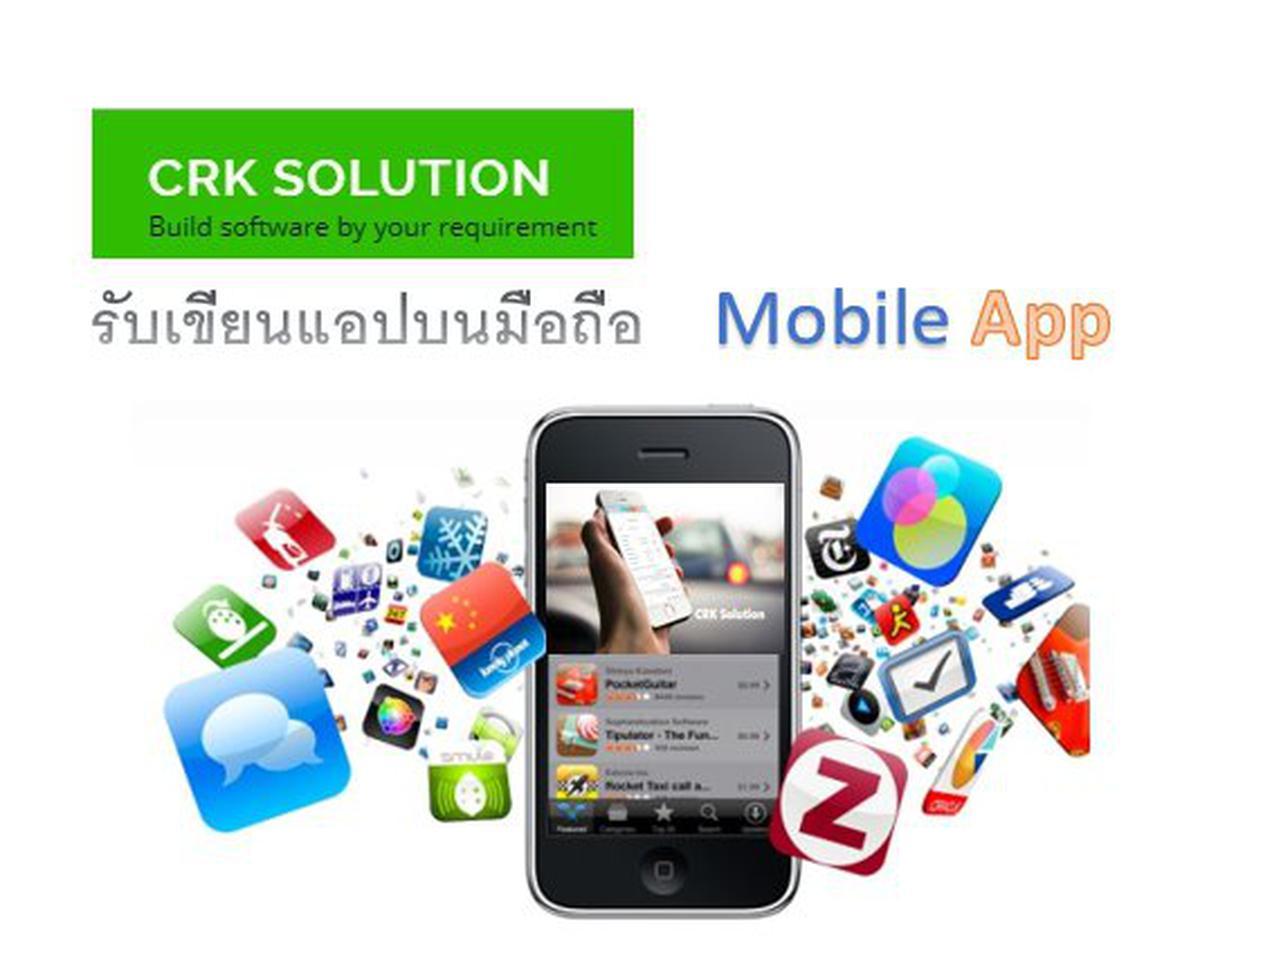 รับเขียนโปรแกรม รับทำโปรแกรม รับทำโปรแกรมมือถือ Mobile App ทุกประเภท ราคาถูก รวดเร็ว กทม รูปที่ 2